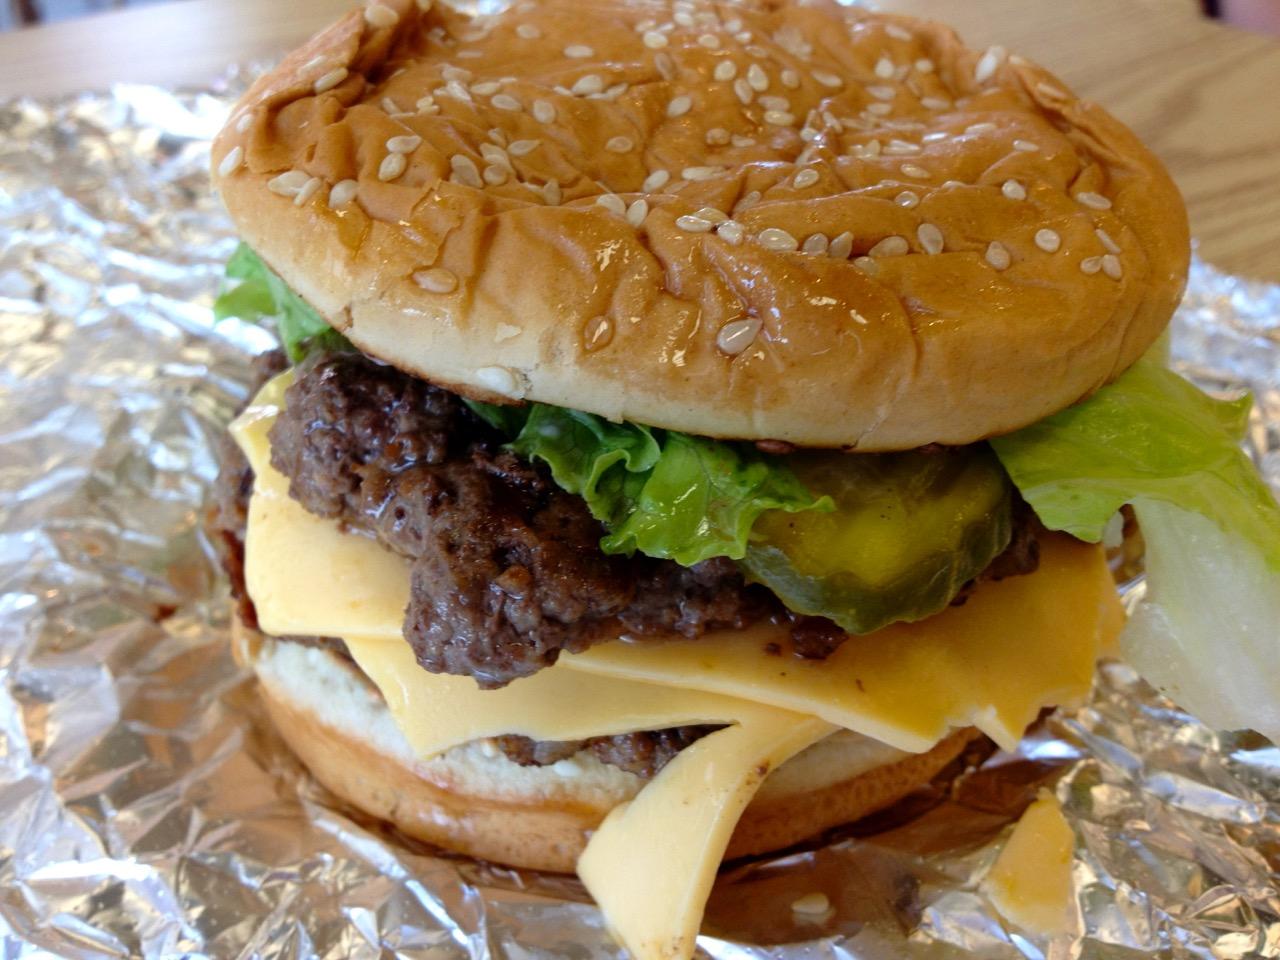 A Solid Bacon Cheeseburger & Shake at Five Guys  - June 5 2017